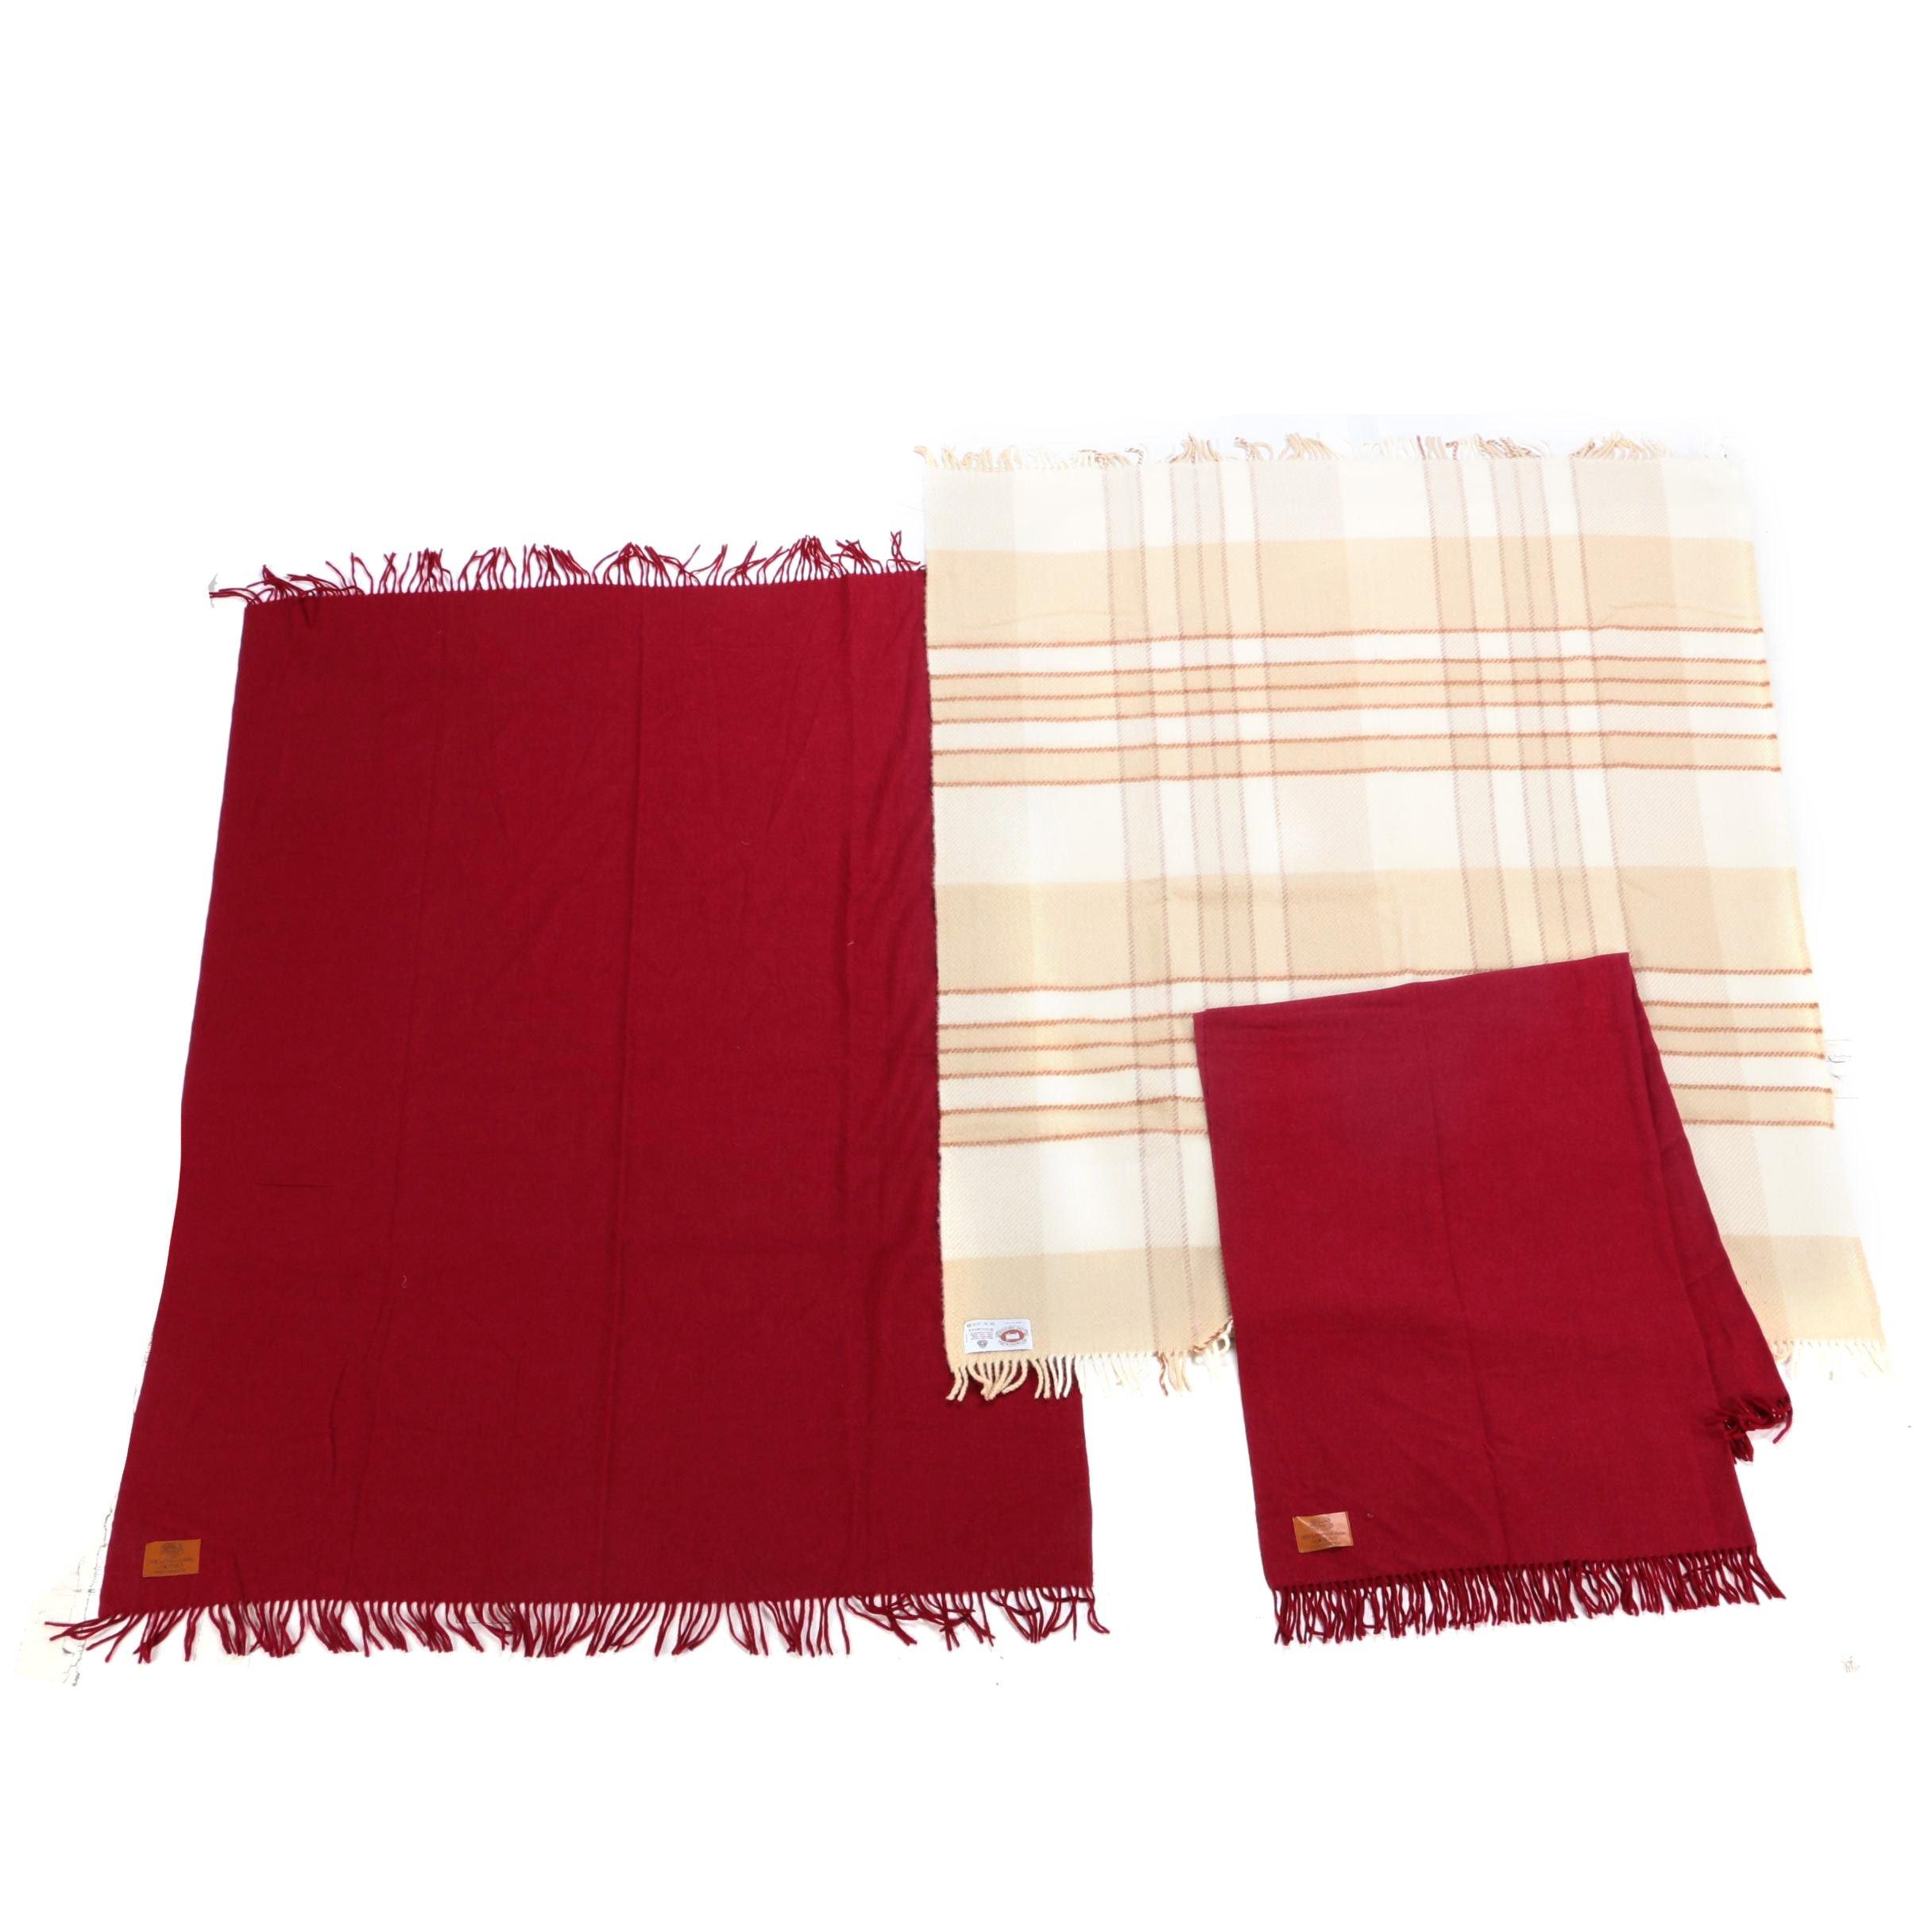 Compagnia Lane Preziose Merino Wool Blankets